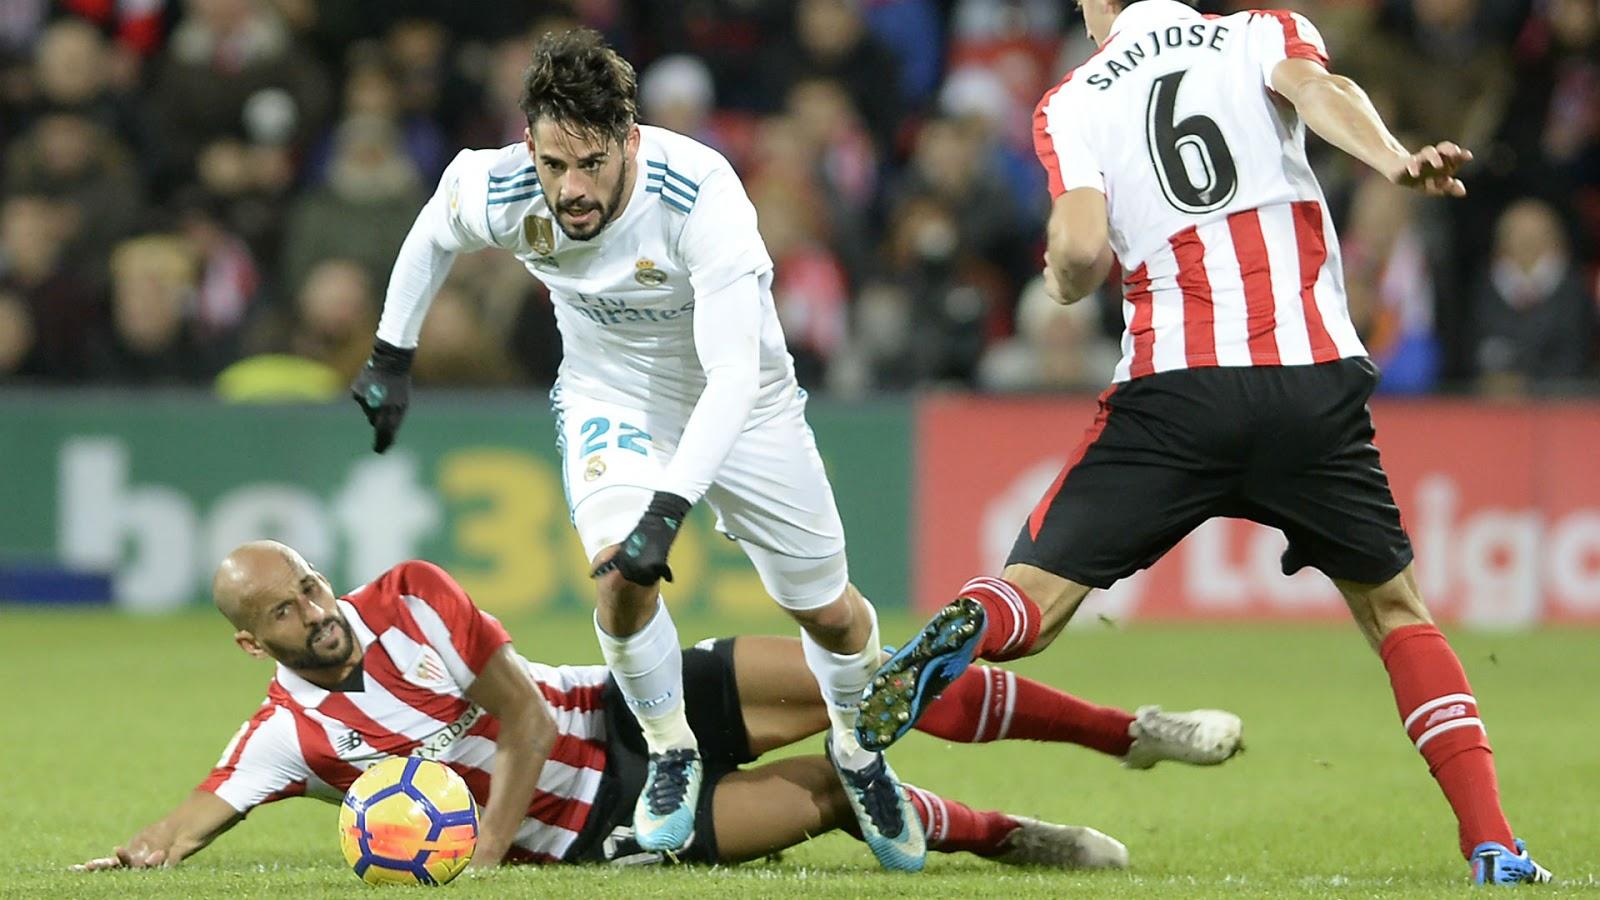 نتيجة مباراة ريال مدريد وأتلتيك بلباو بتاريخ 22-12-2019 الدوري الاسباني